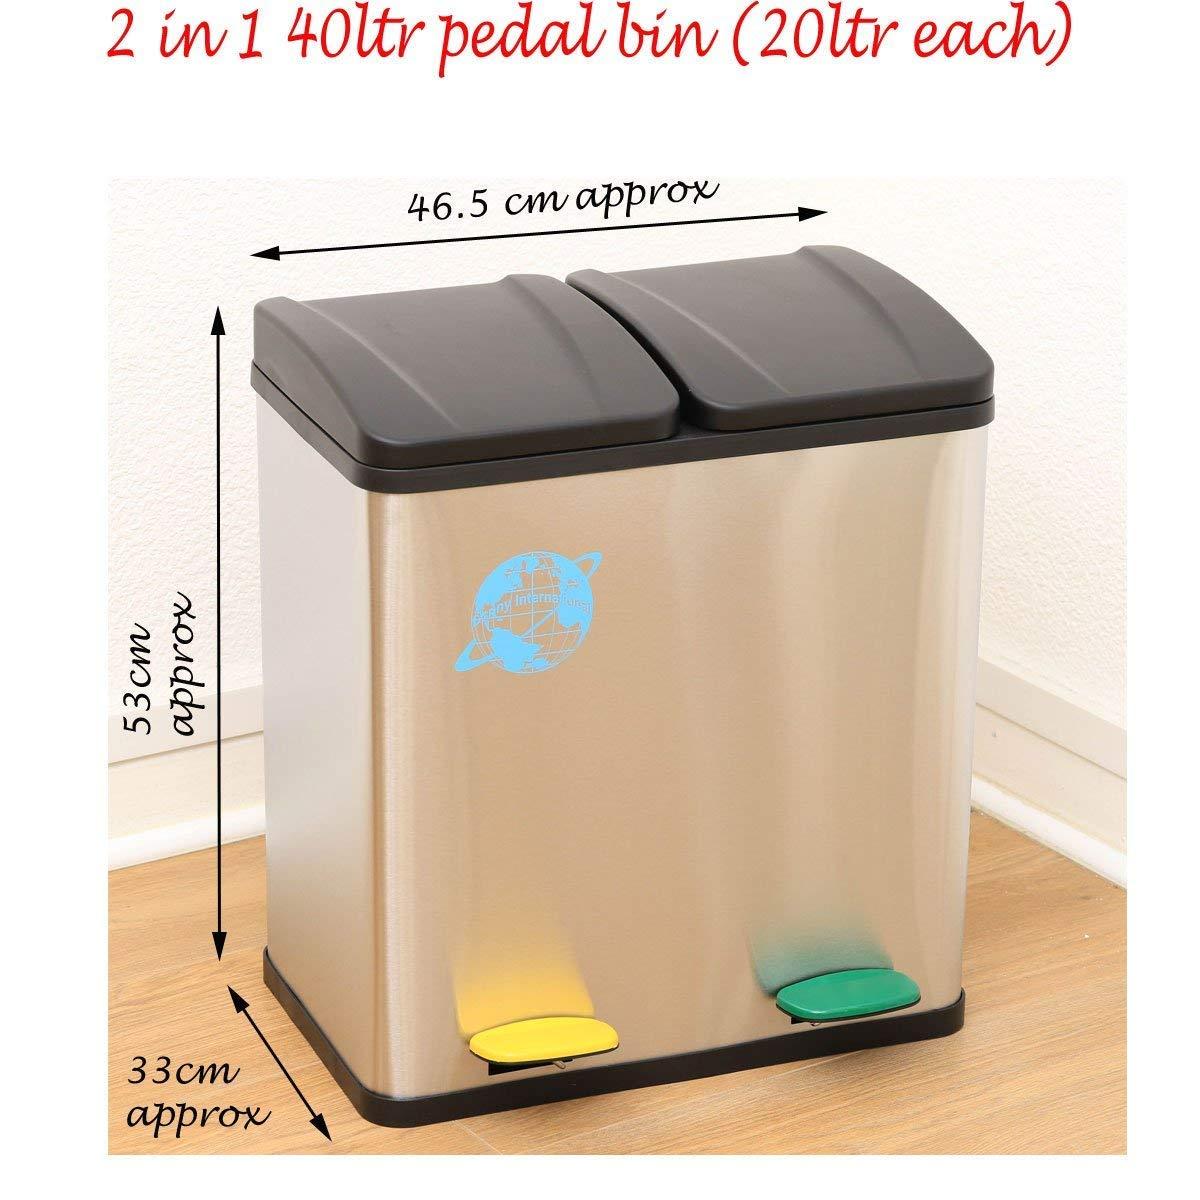 Cubo de basura 2 en 1 para reciclaje, con pedal, de acero ...